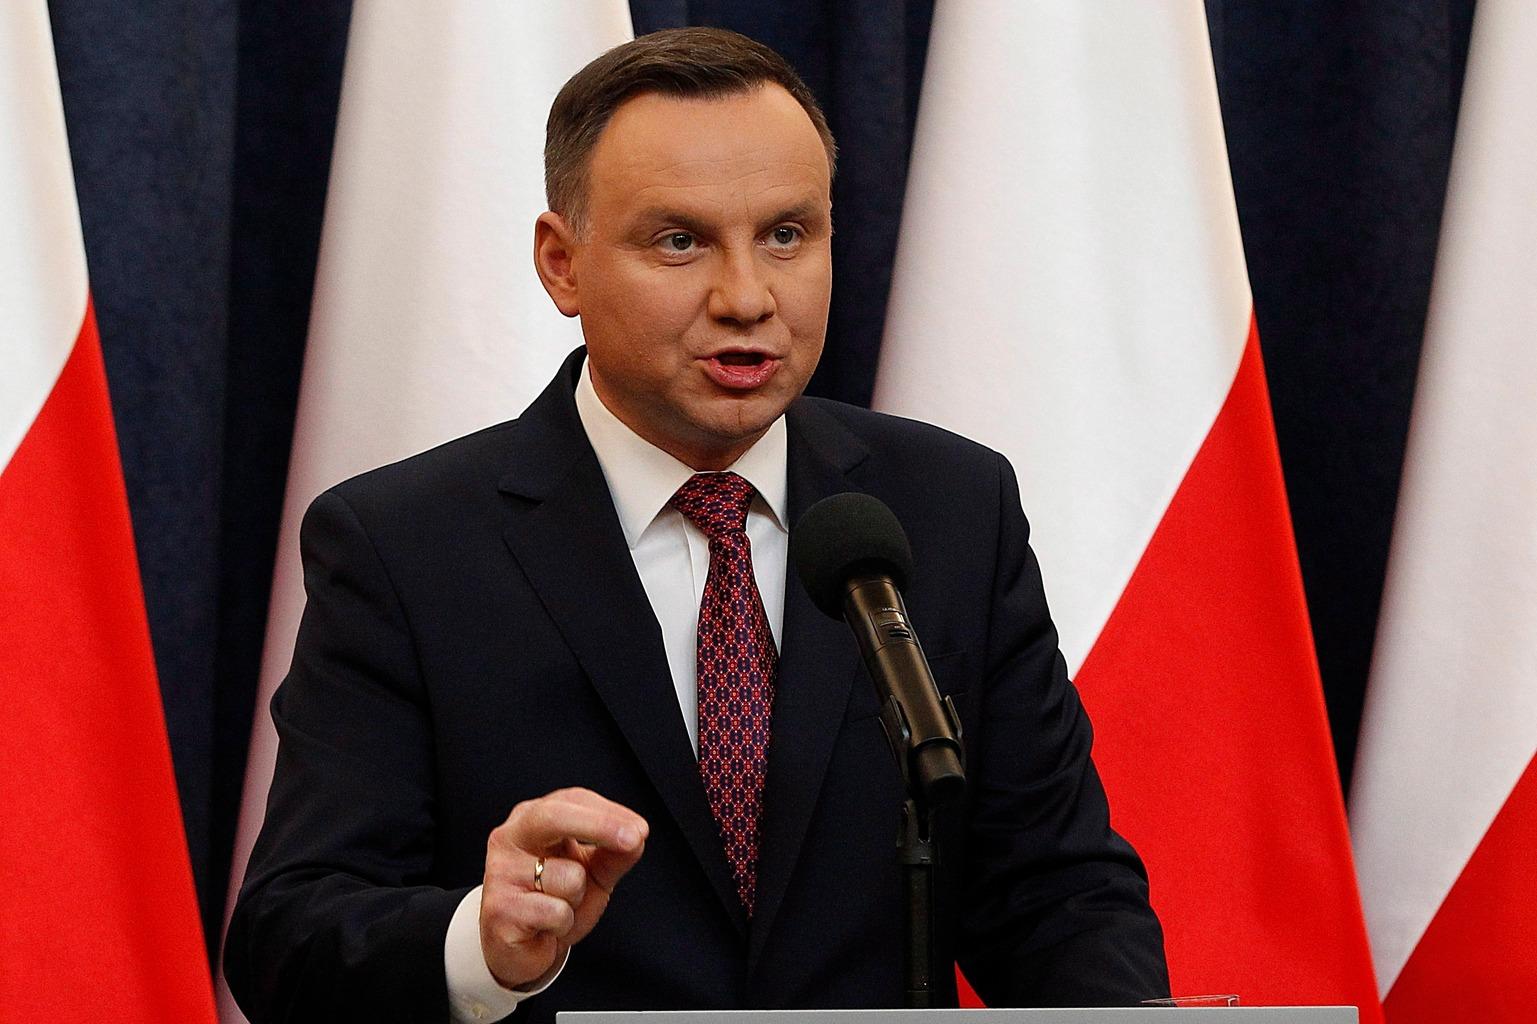 A lengyel elnök sajnálatát fejezte ki 68-as varsói zsidóüldözések miatt